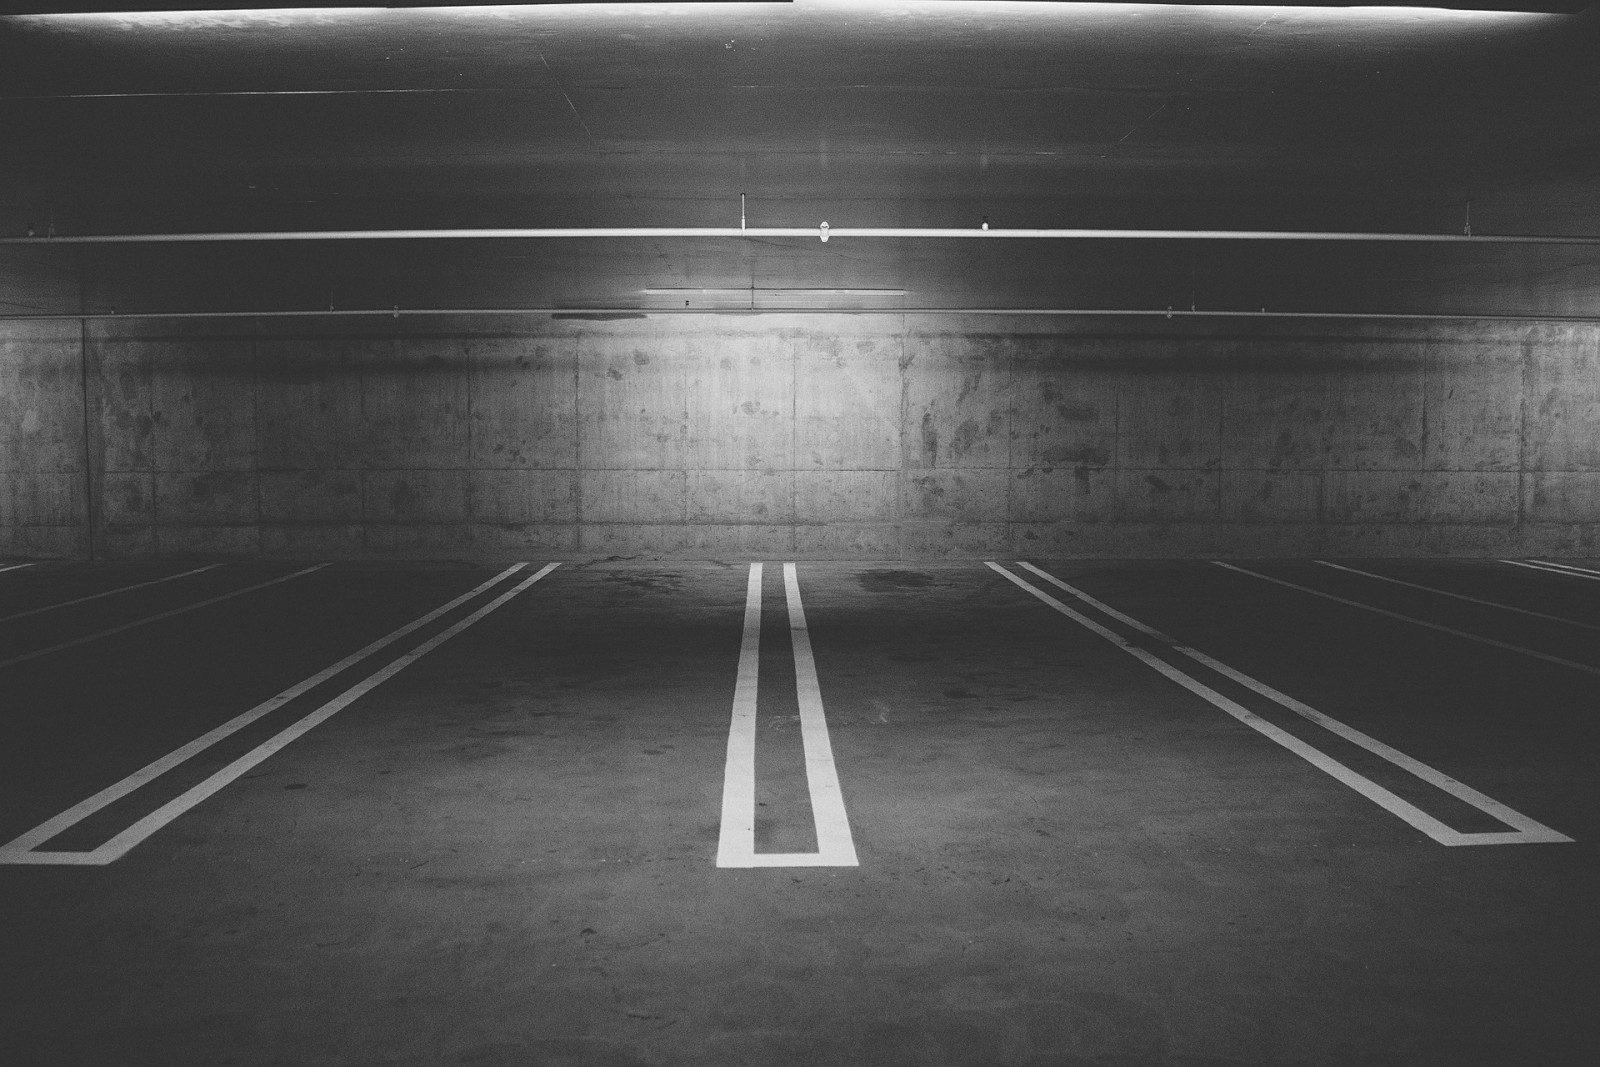 A Metz, le paiement des parkings se fera désormais au quart d'heure